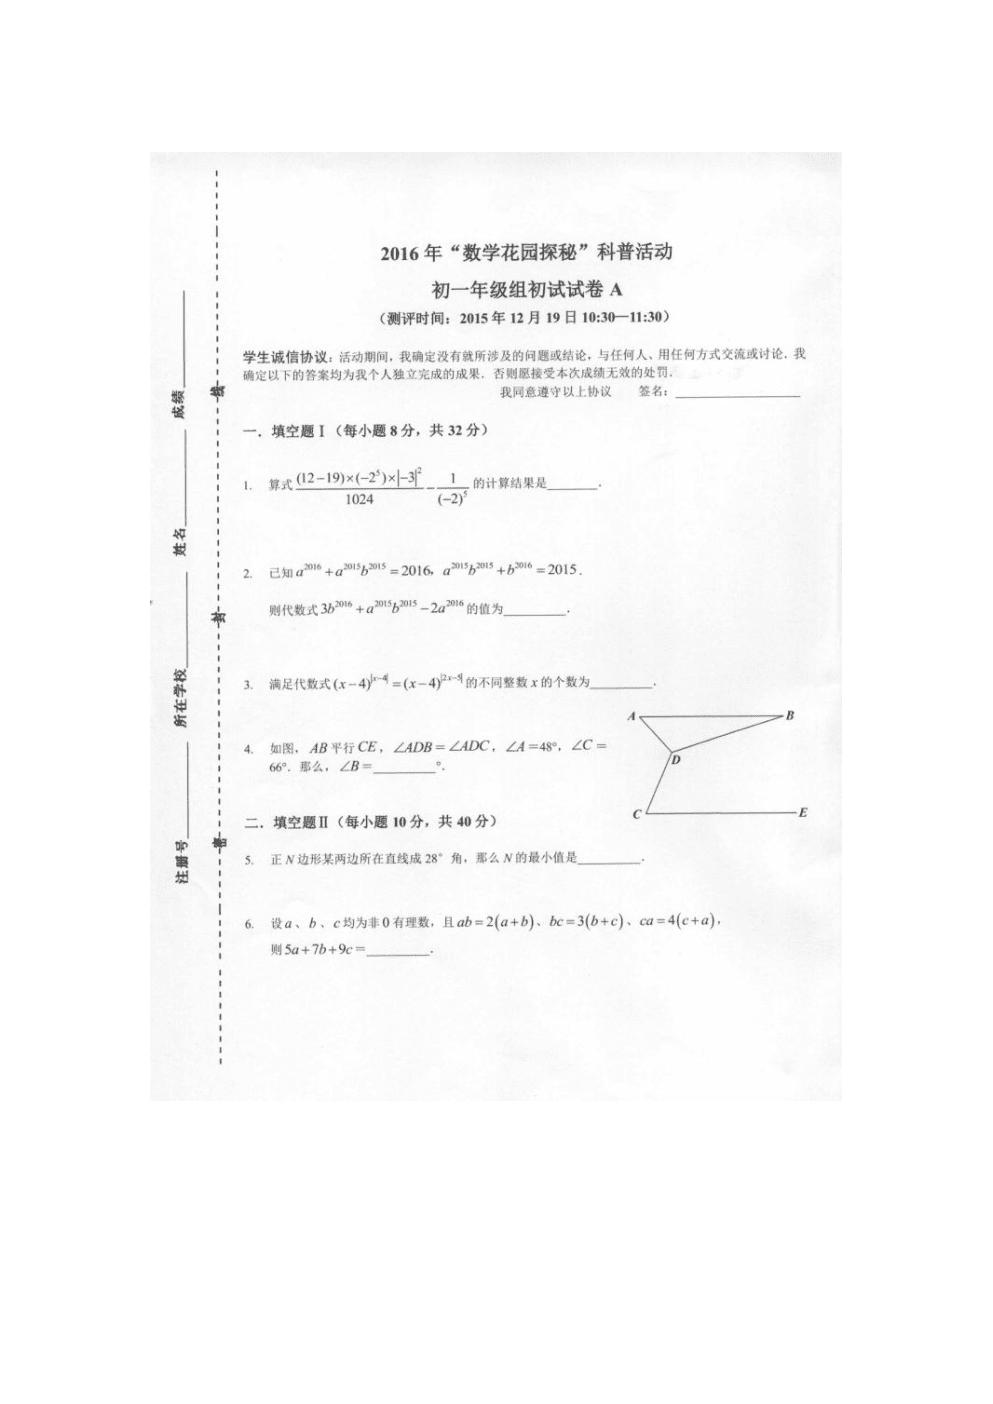 【奥林匹克竞赛】2016年初中数学花园探秘(迎春杯)初赛初一试题.docx